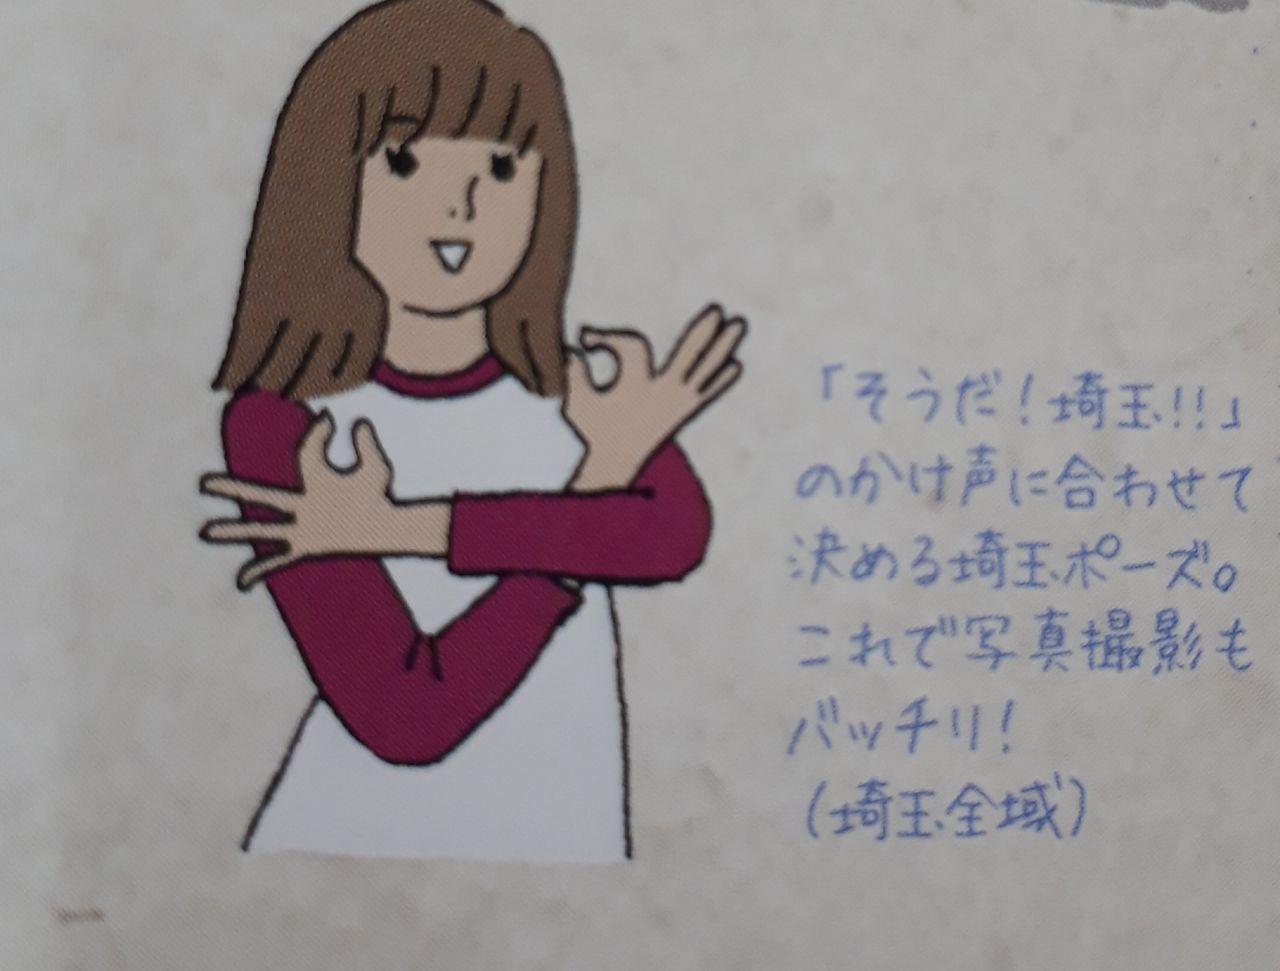 翔んで埼玉 ポーズ